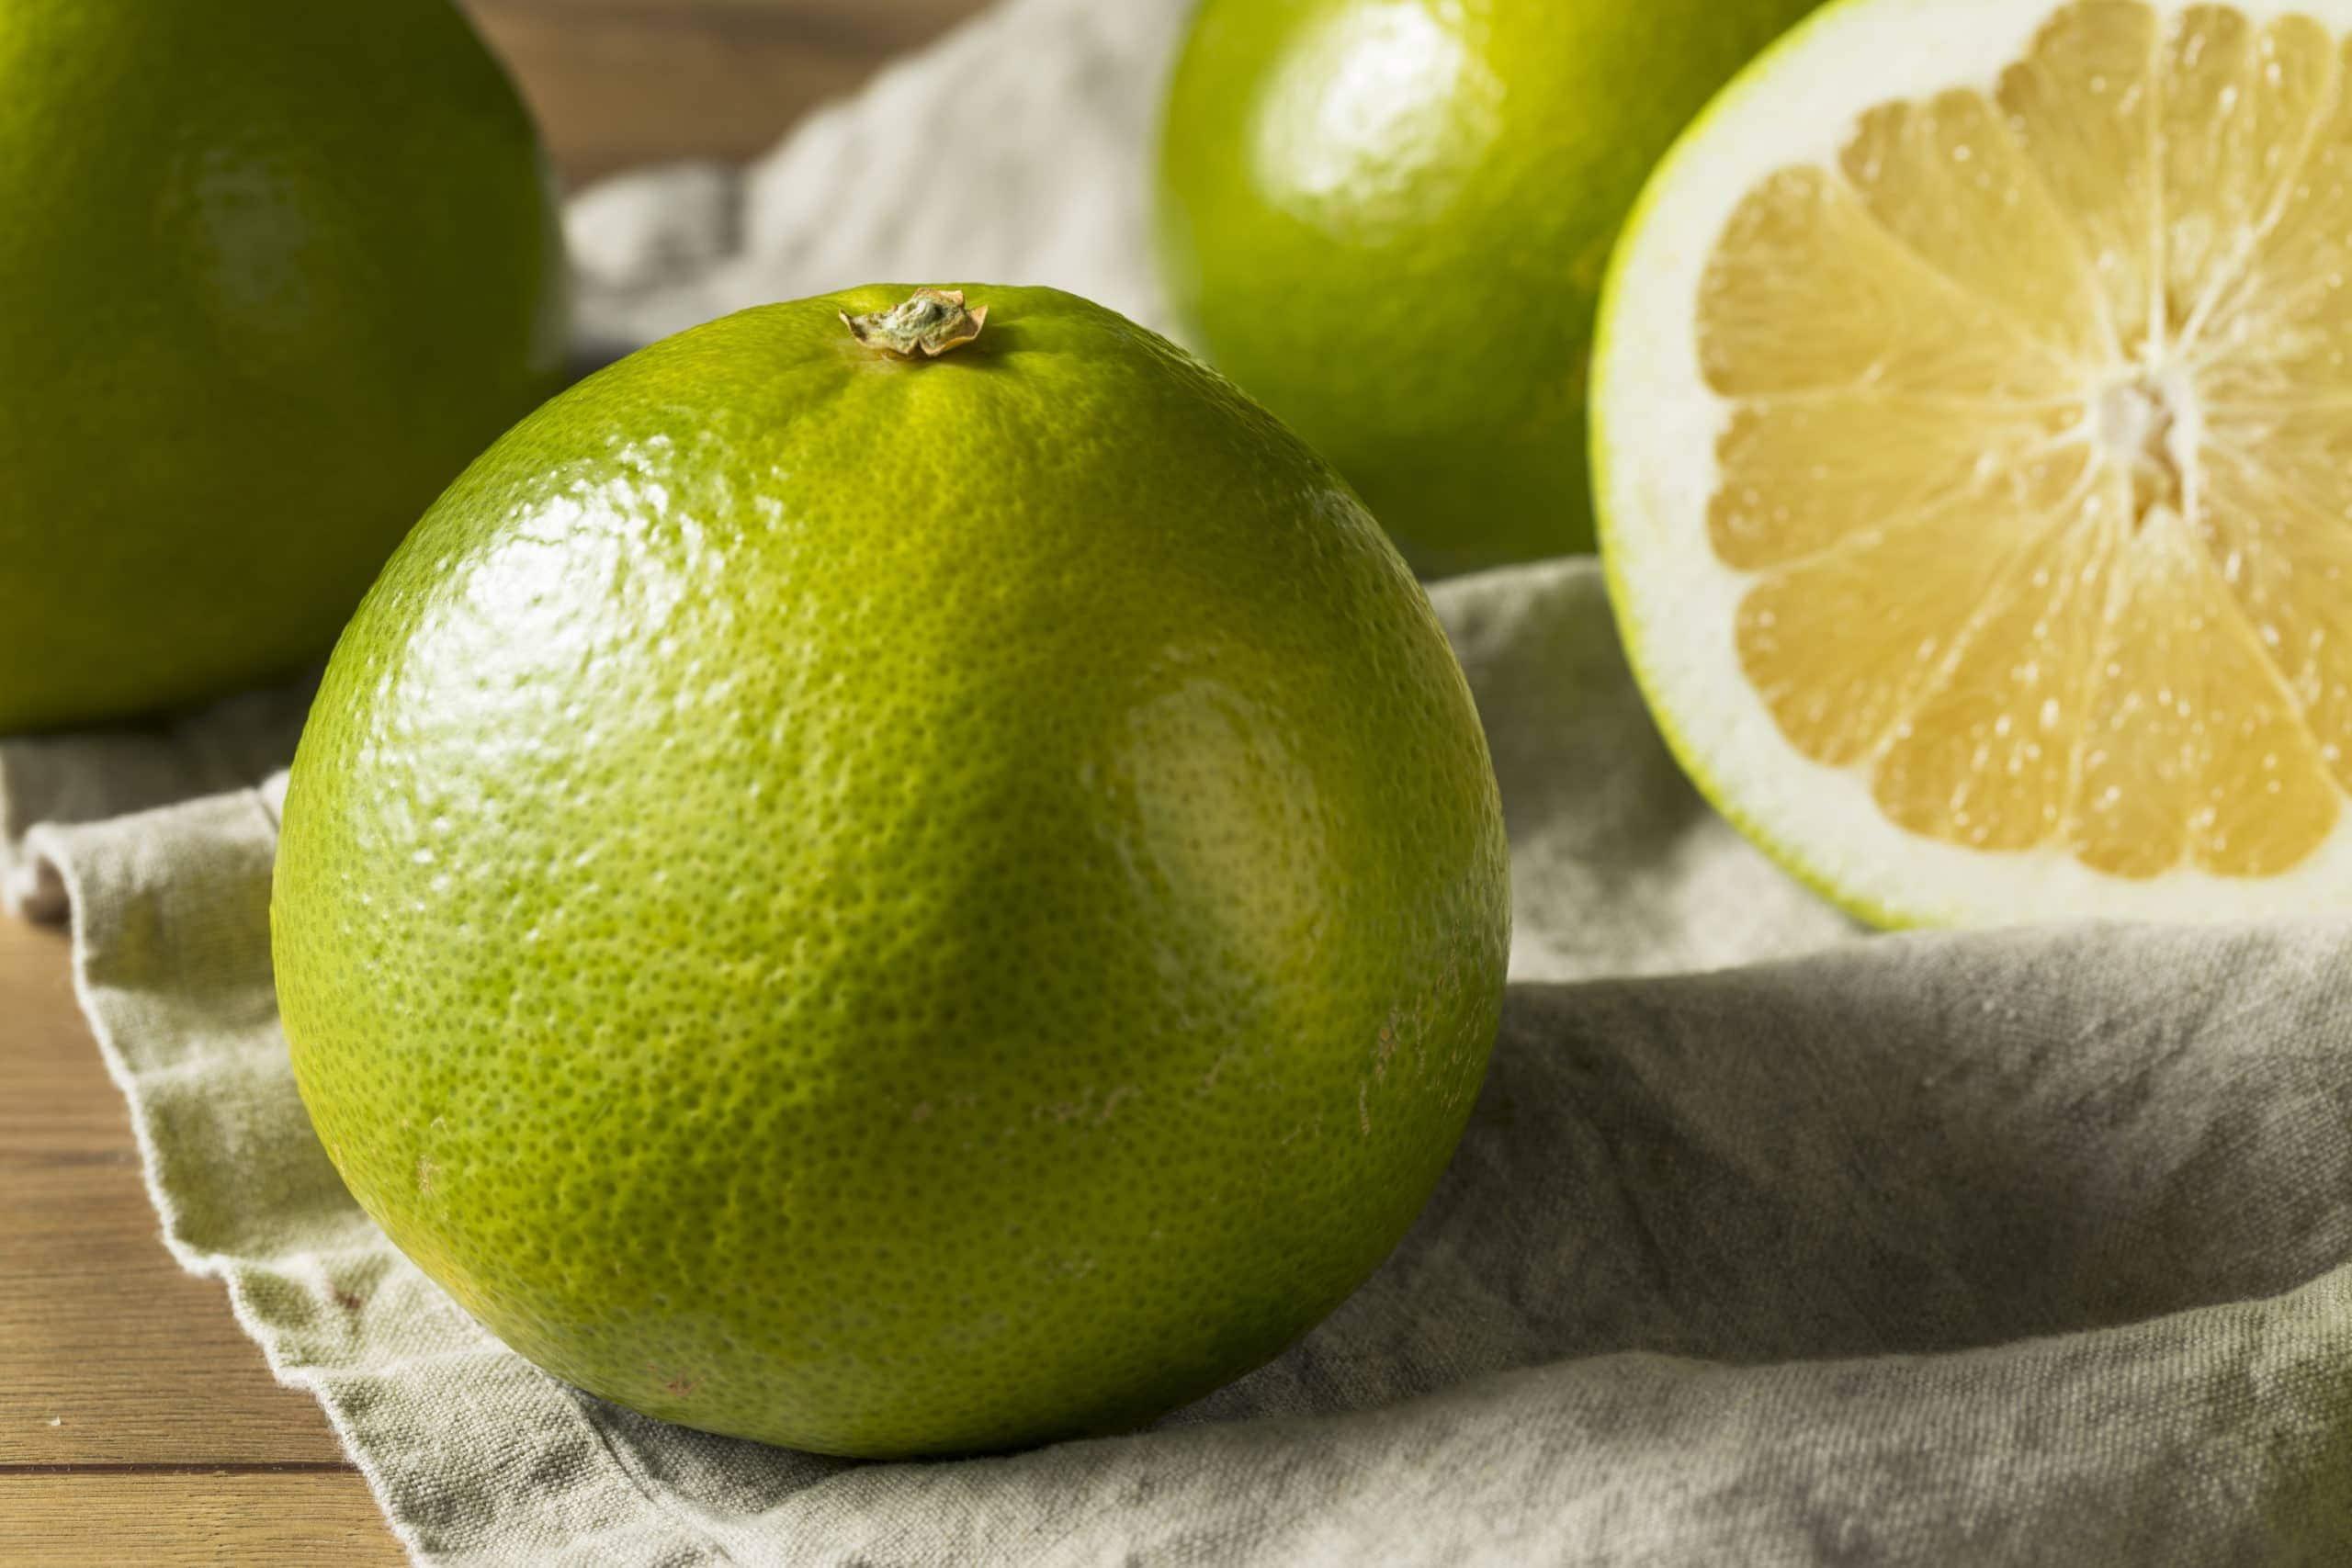 green Florida pomelo